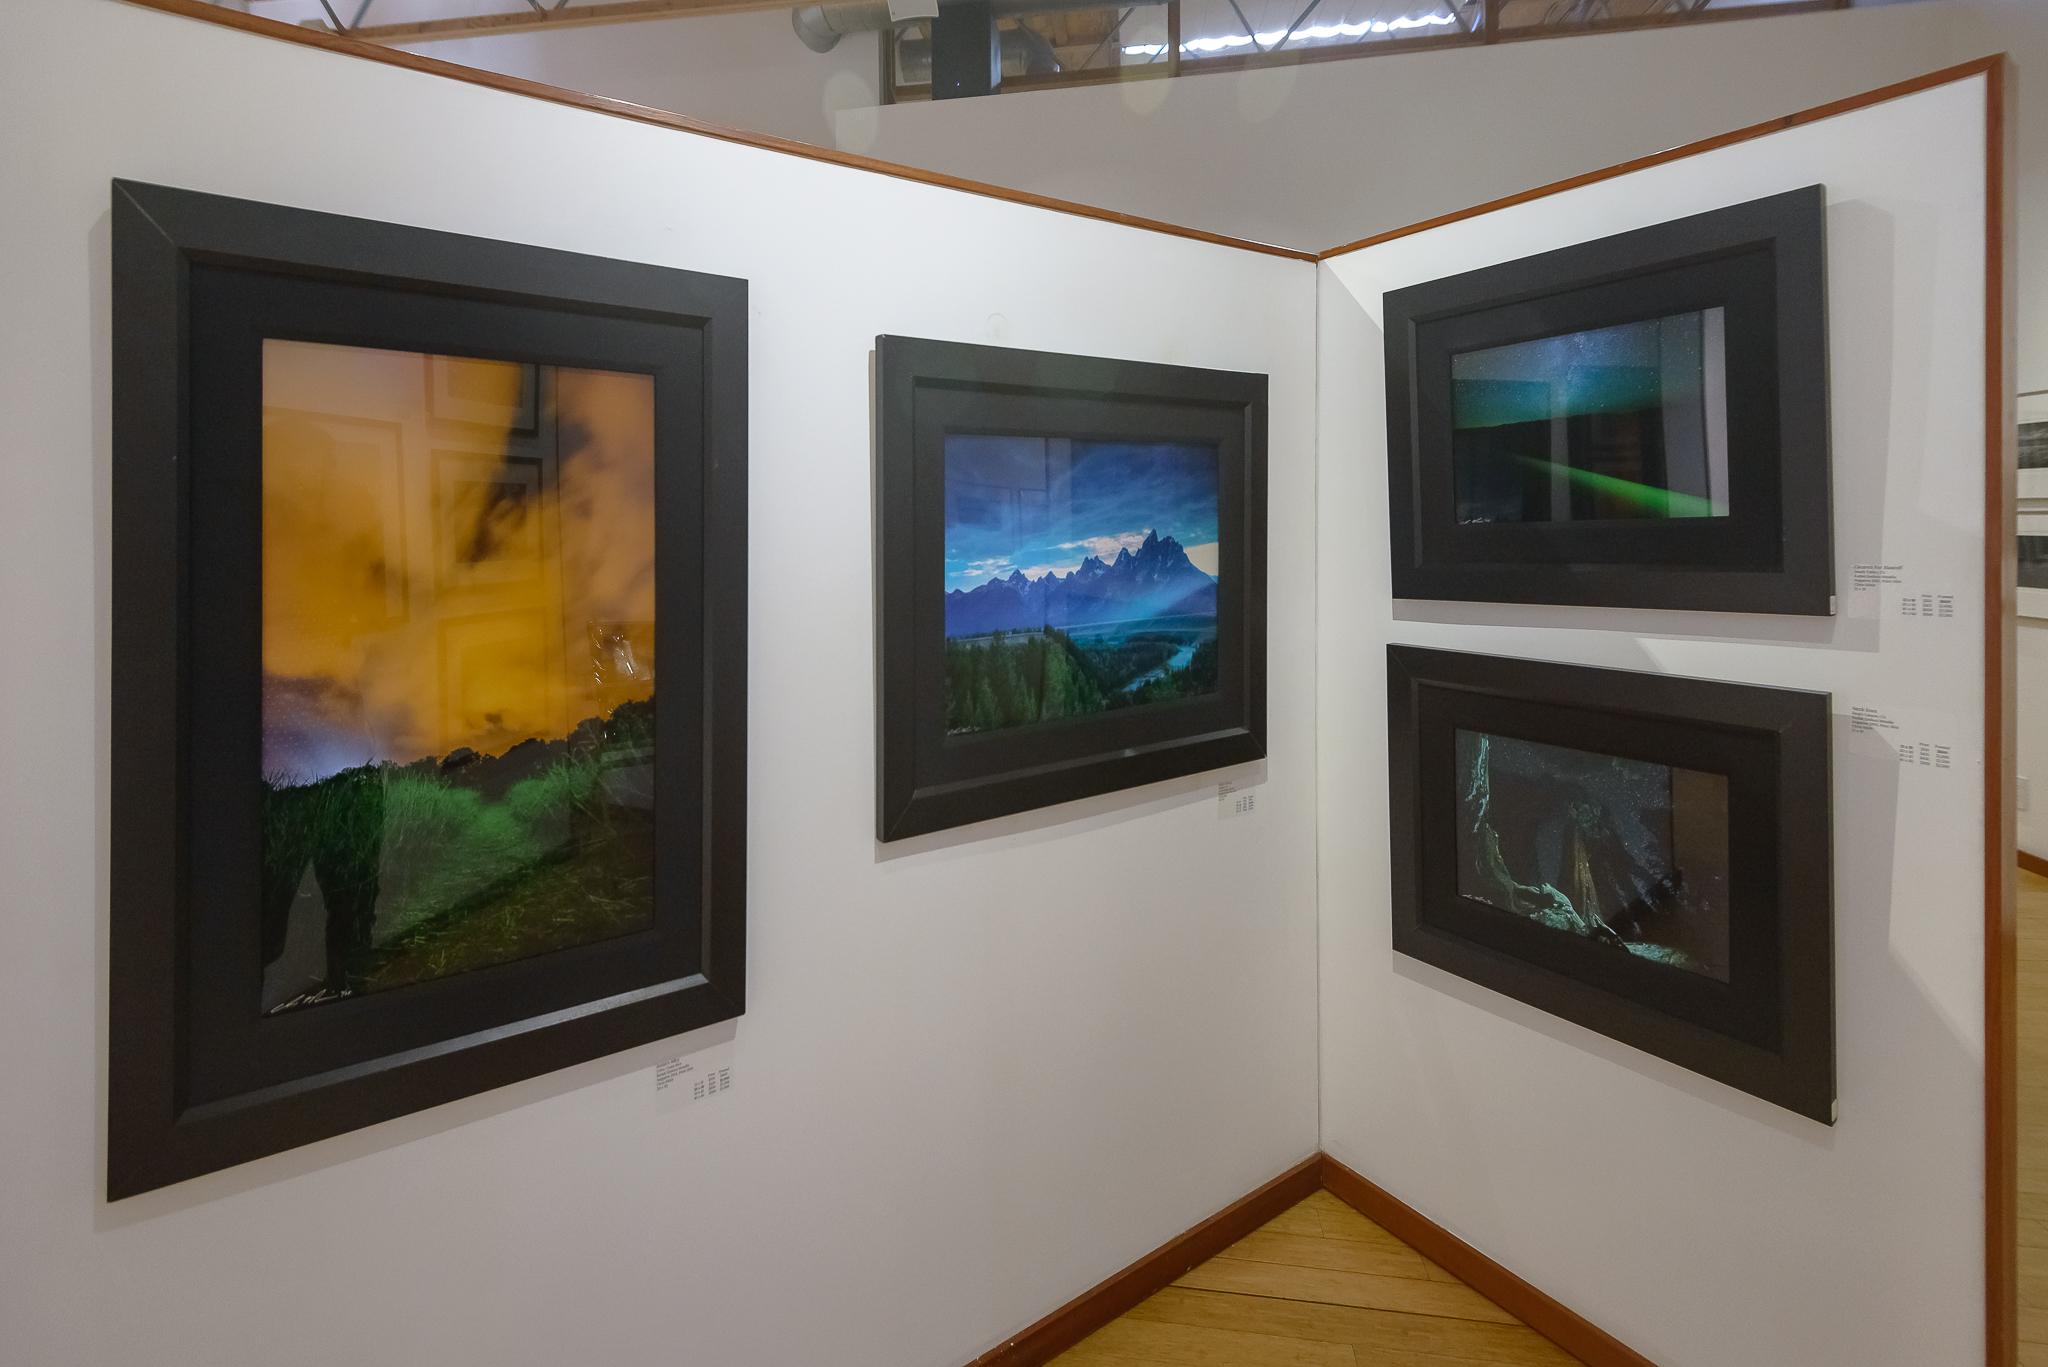 g2_gallery_emerging_exhibit5.jpg